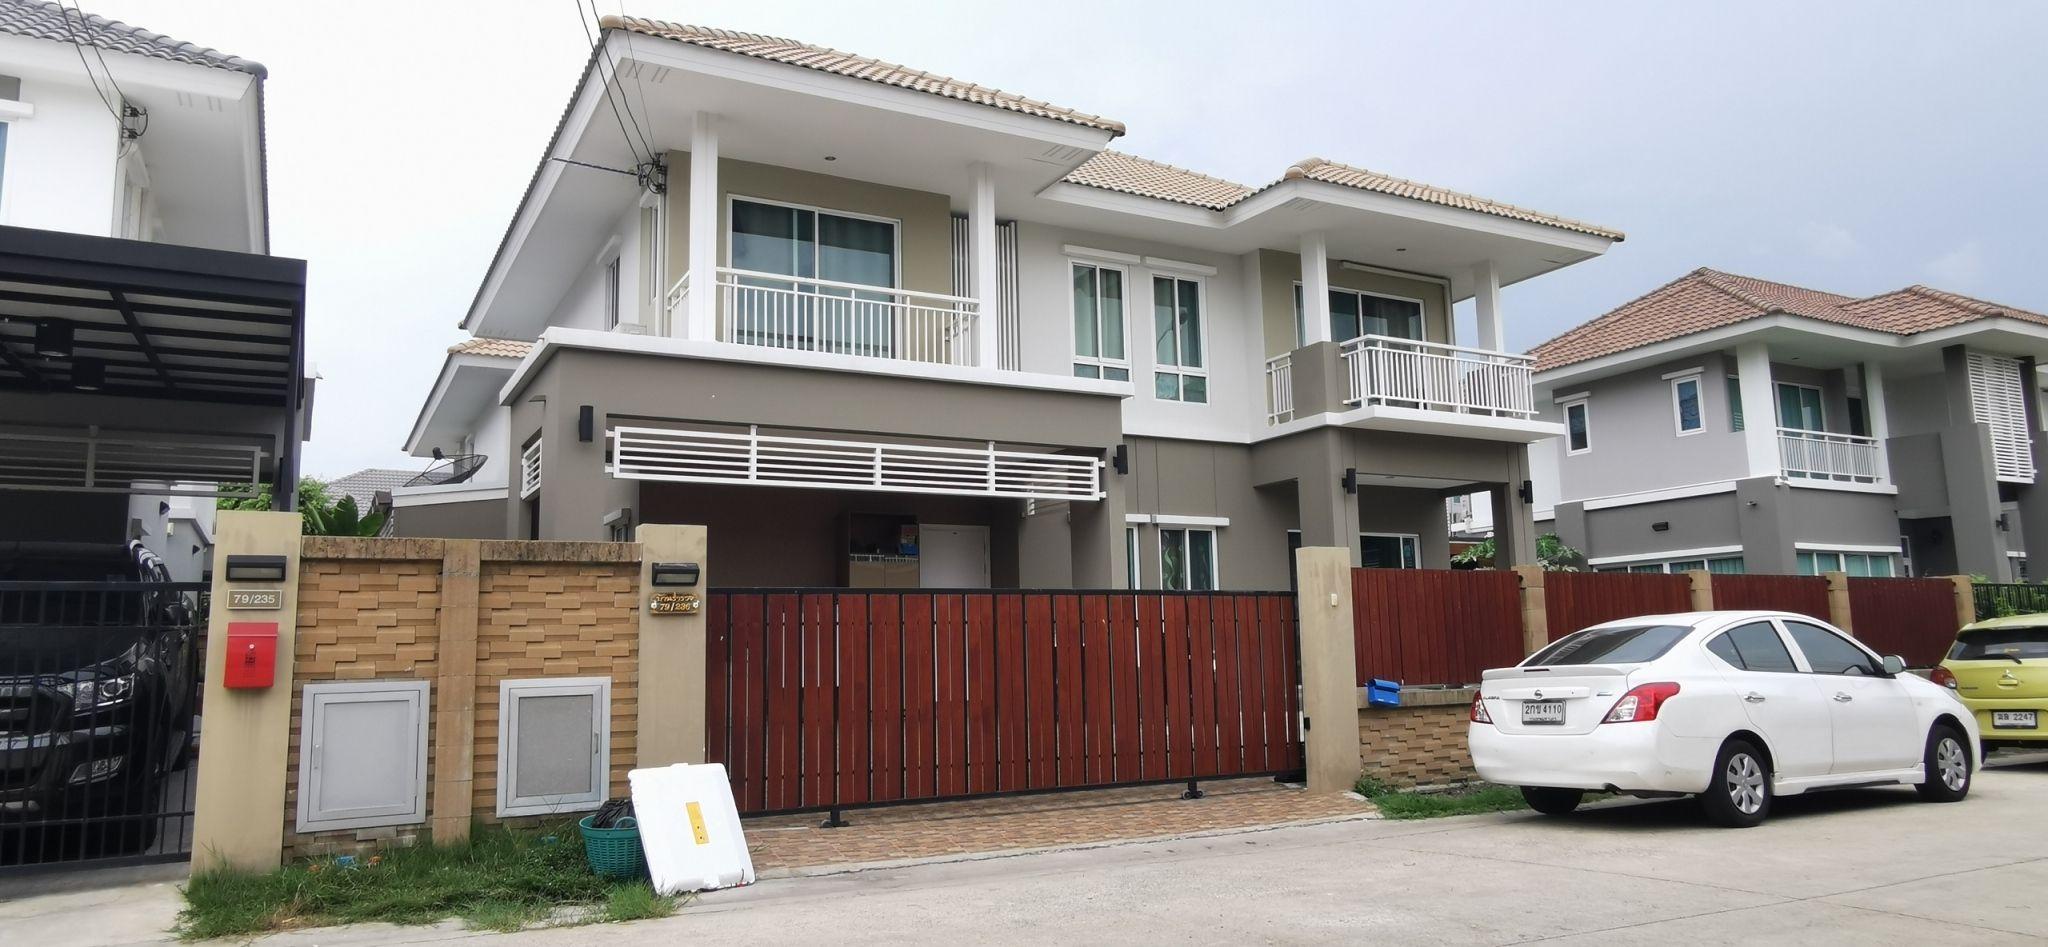 ขายด่วน บ้านเดี่ยว 2 ชั้น หมู่บ้าน ดีไลท์ แอทซีน วัชรพล-จตุโชติ เนื้อที่ 59.4 ตร.วา 3 ห้องนอน 4 ห้องน้ำ เดินทางสะดวก ใกล้ บิ๊กซี สุขาภิบาล 5 ติดต่อ สุเมธ 061-949-8888